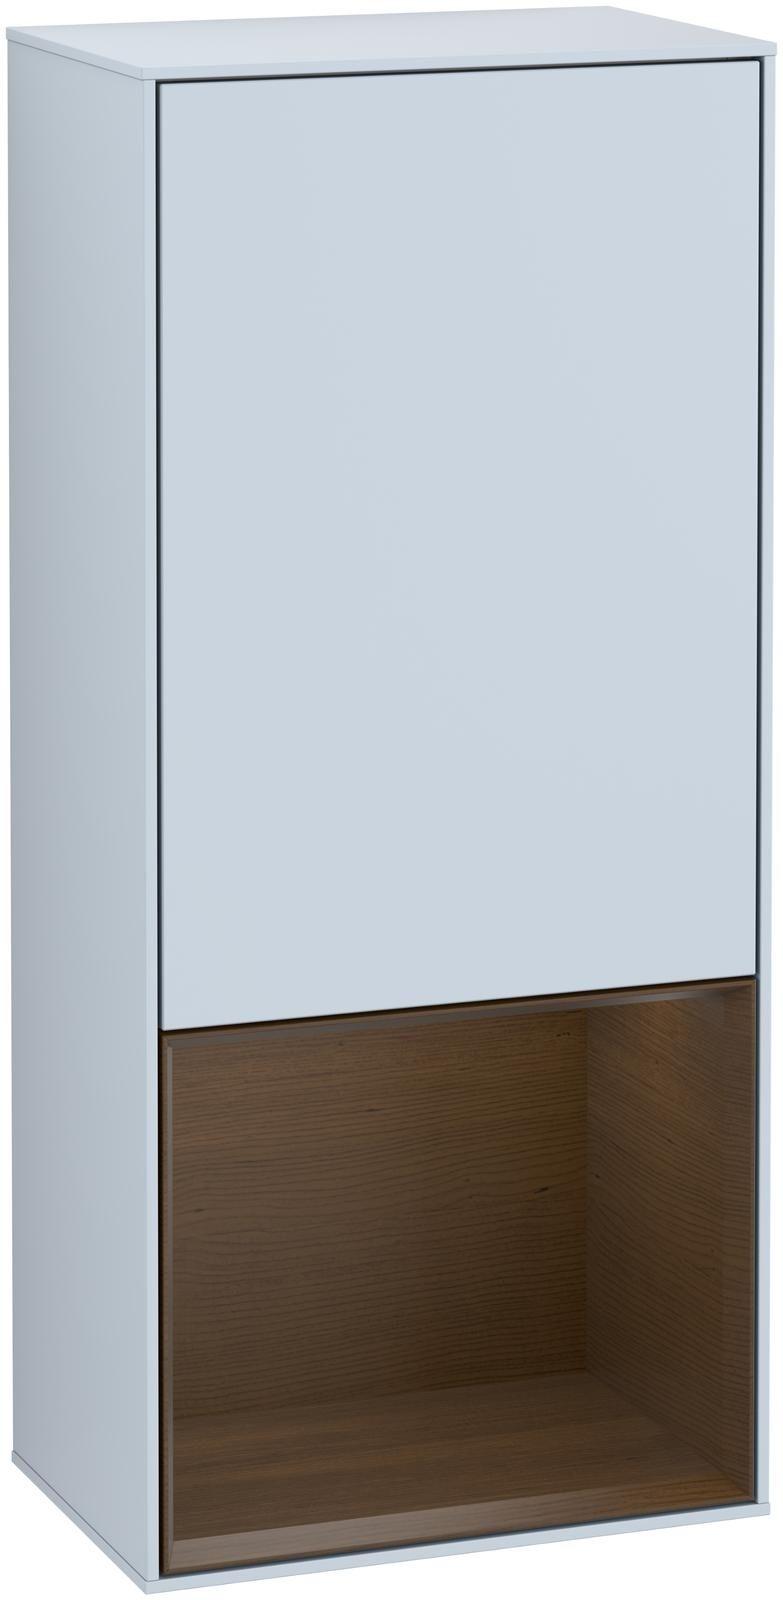 Villeroy & Boch Finion F54 Seitenschrank mit Regalelement 1 Tür Anschlag links LED-Beleuchtung B:41,8xH:93,6xT:27cm Front, Korpus: Cloud, Regal: Walnut Veneer F540GNHA